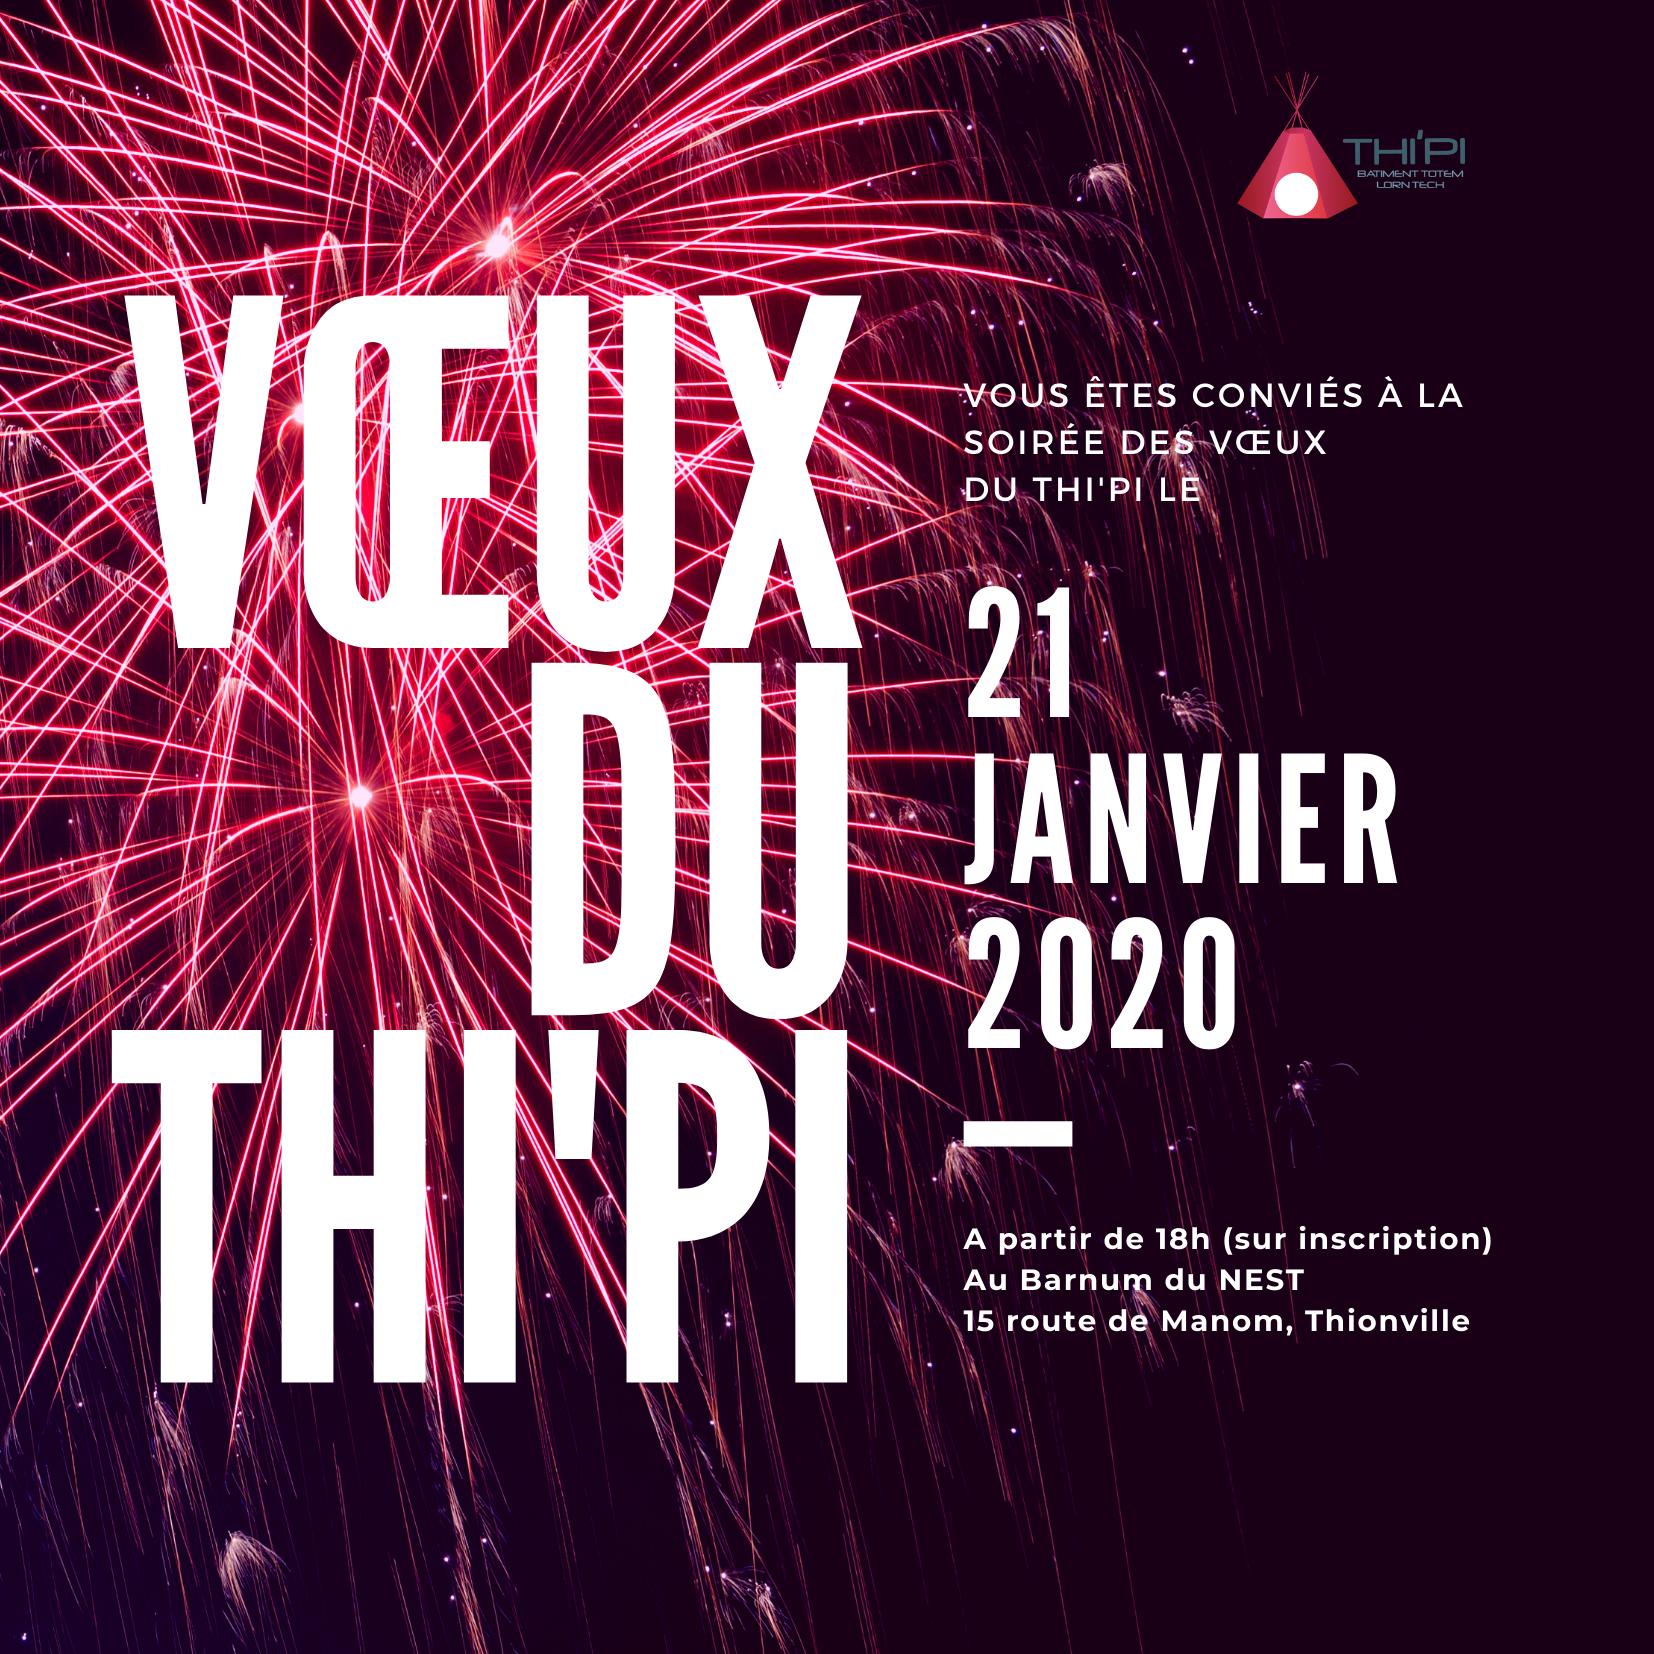 Thi'Pi présnete ses voeux pour 2020